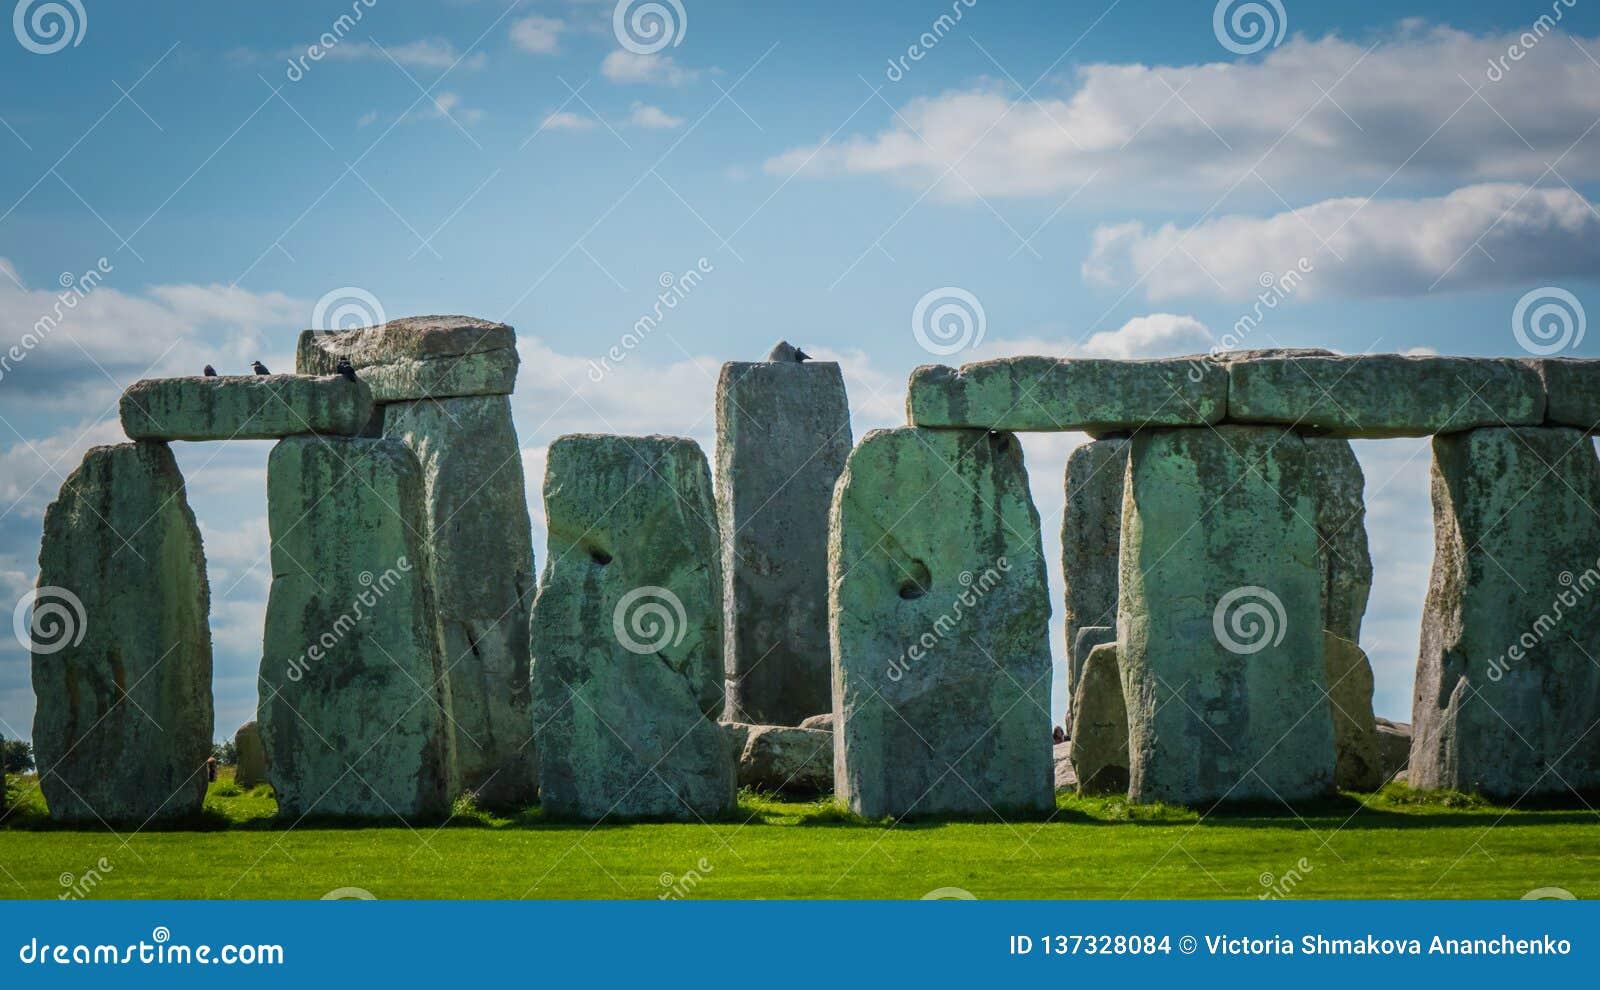 Наследие ЮНЕСКО Стоунхендж в конце Великобритании вверх по фото